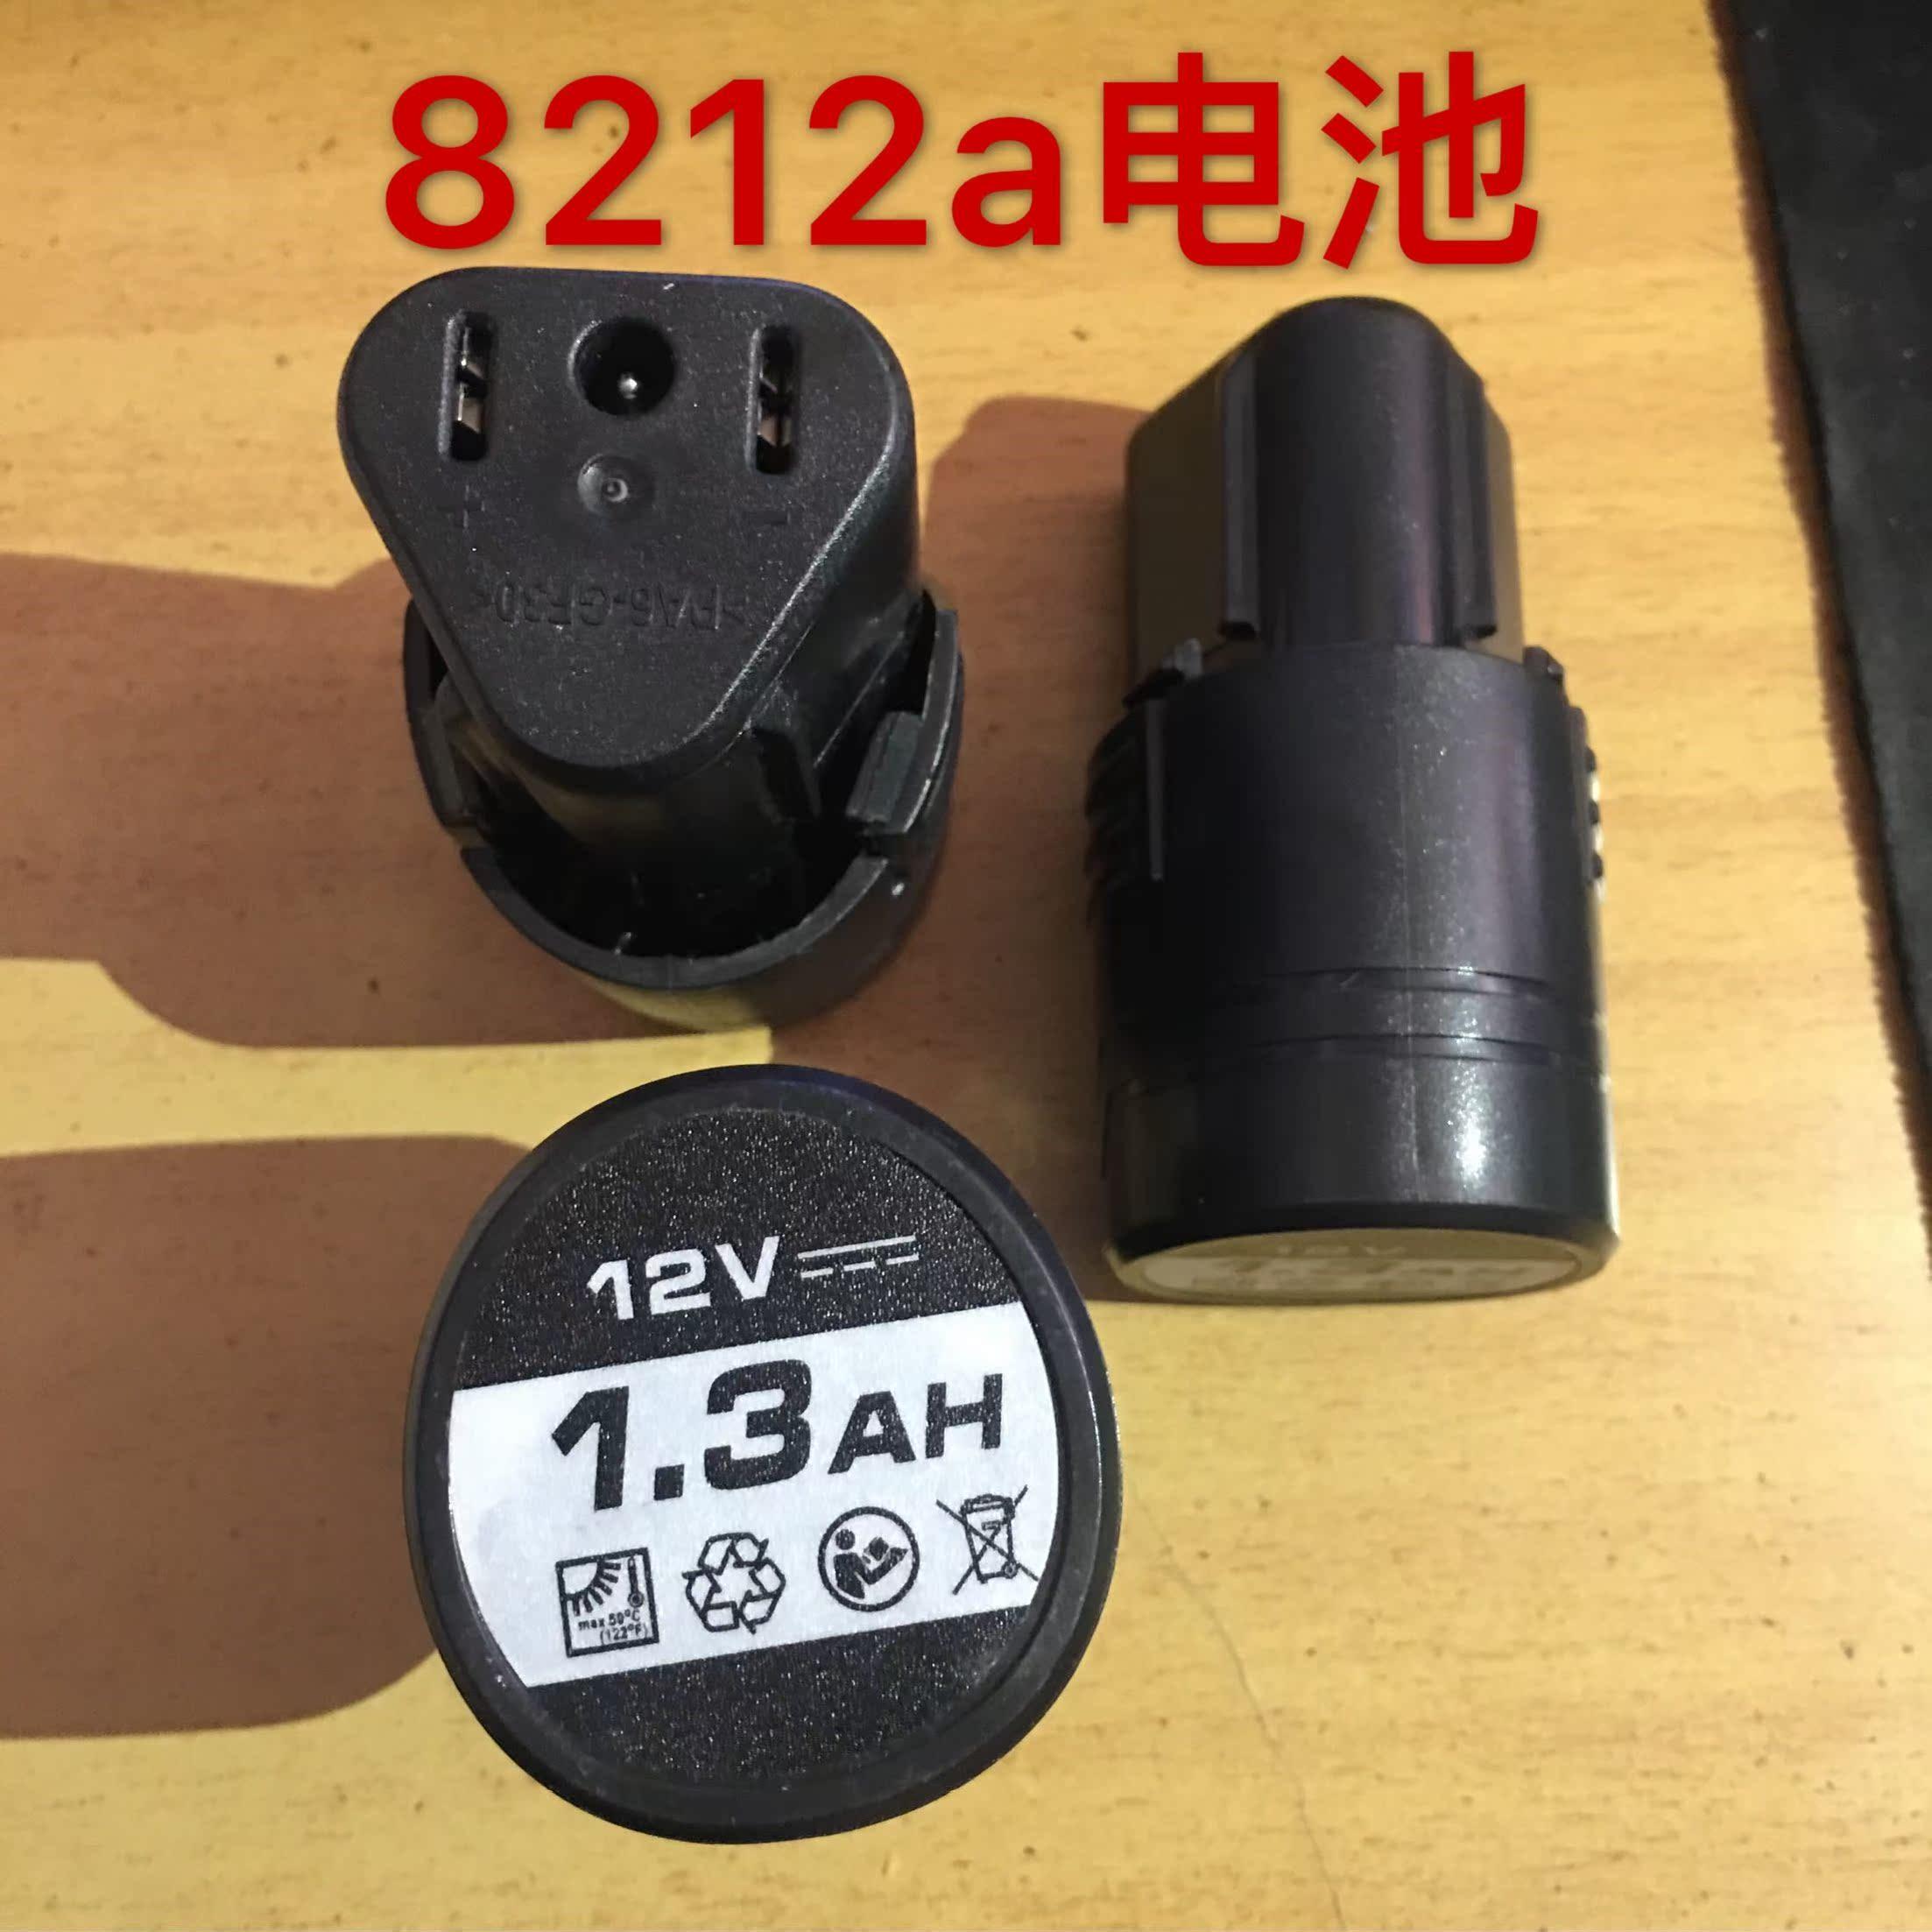 普力拓美凯龙0k晴朗7212配件充电钻满40元可用40元优惠券